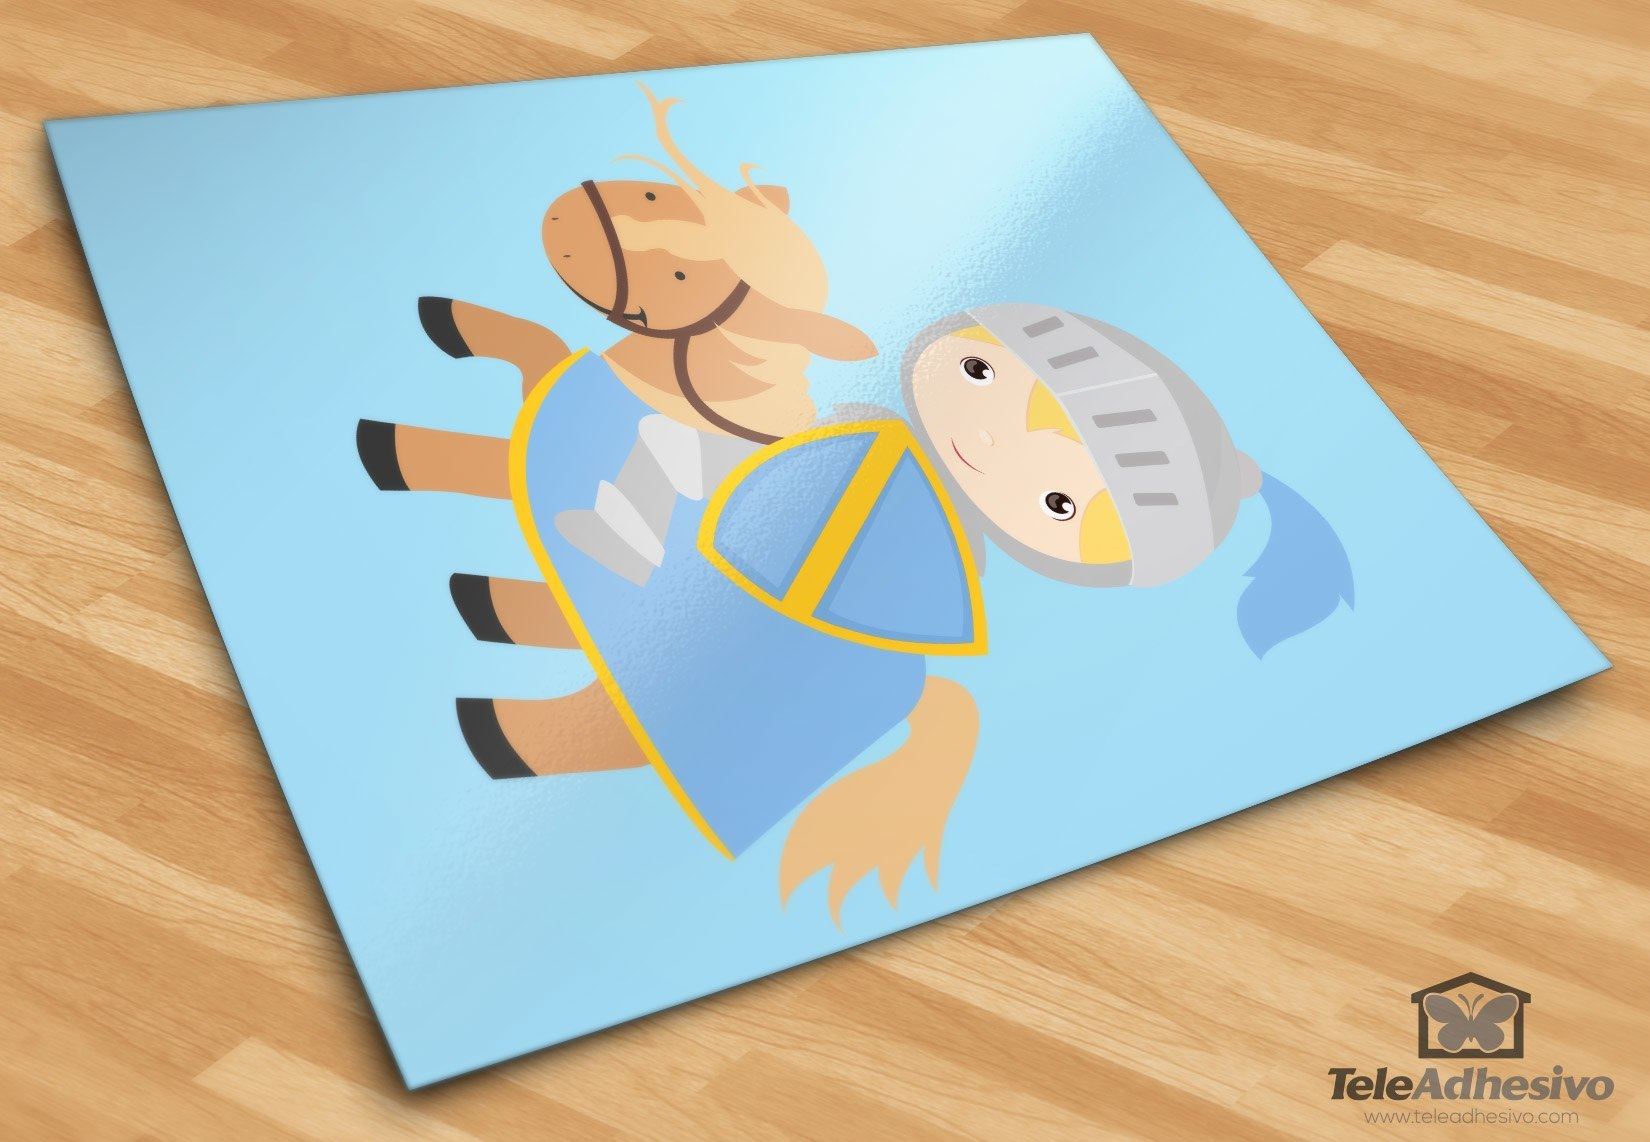 Kinderzimmer Wandtattoo: Blue Knight